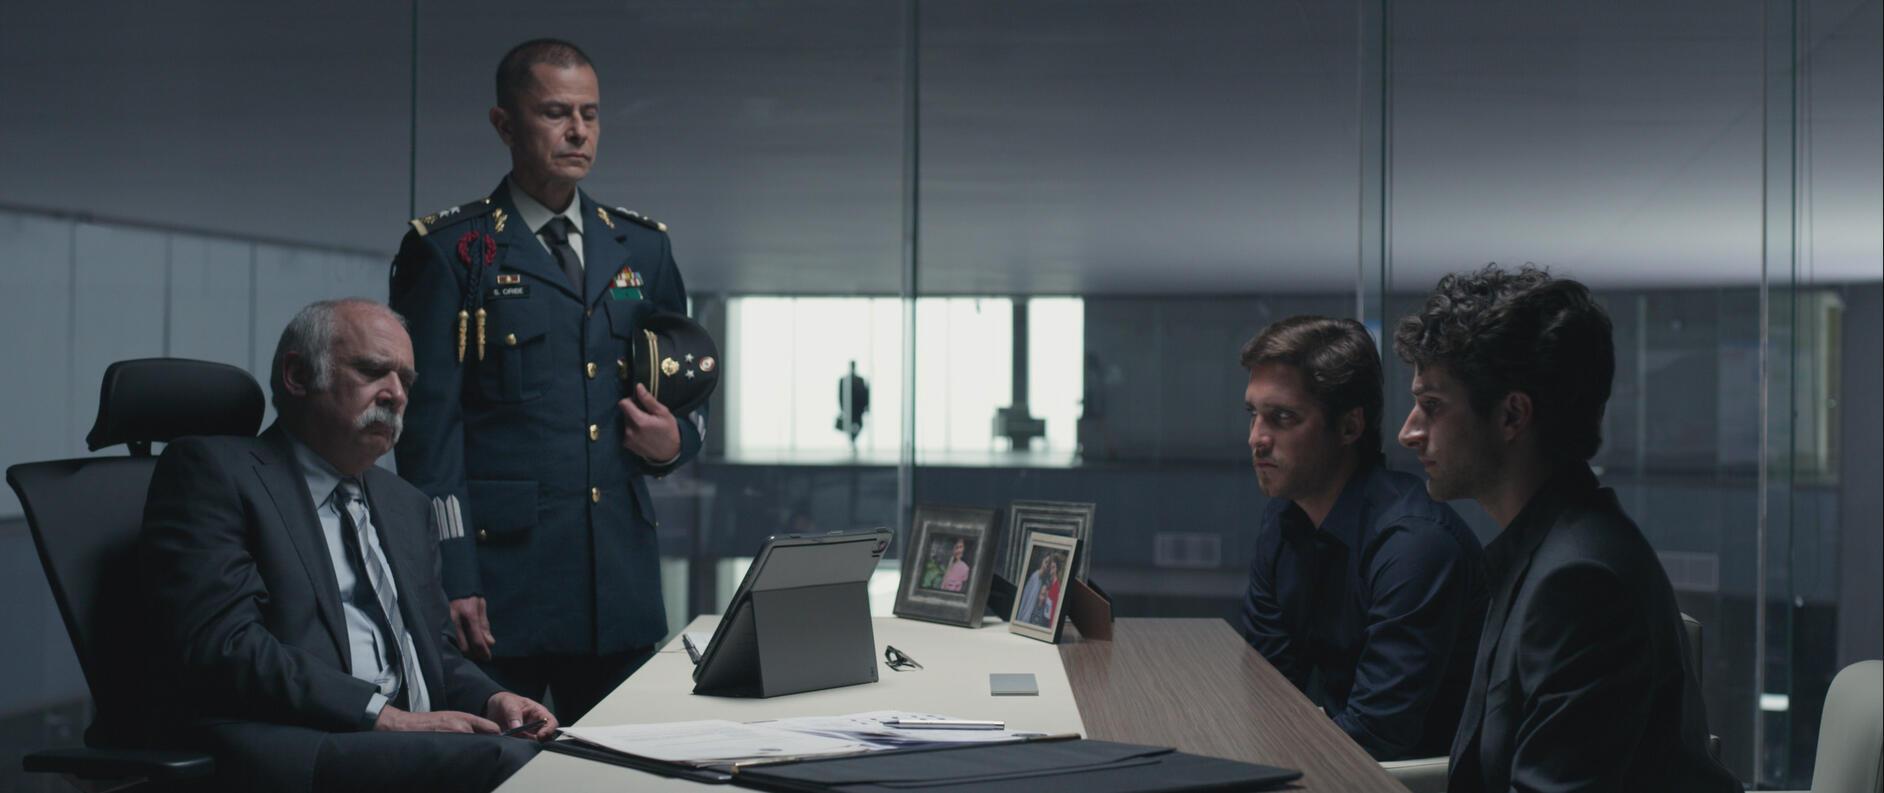 Кадр из фильма. Силовики берут ситуацию под контроль